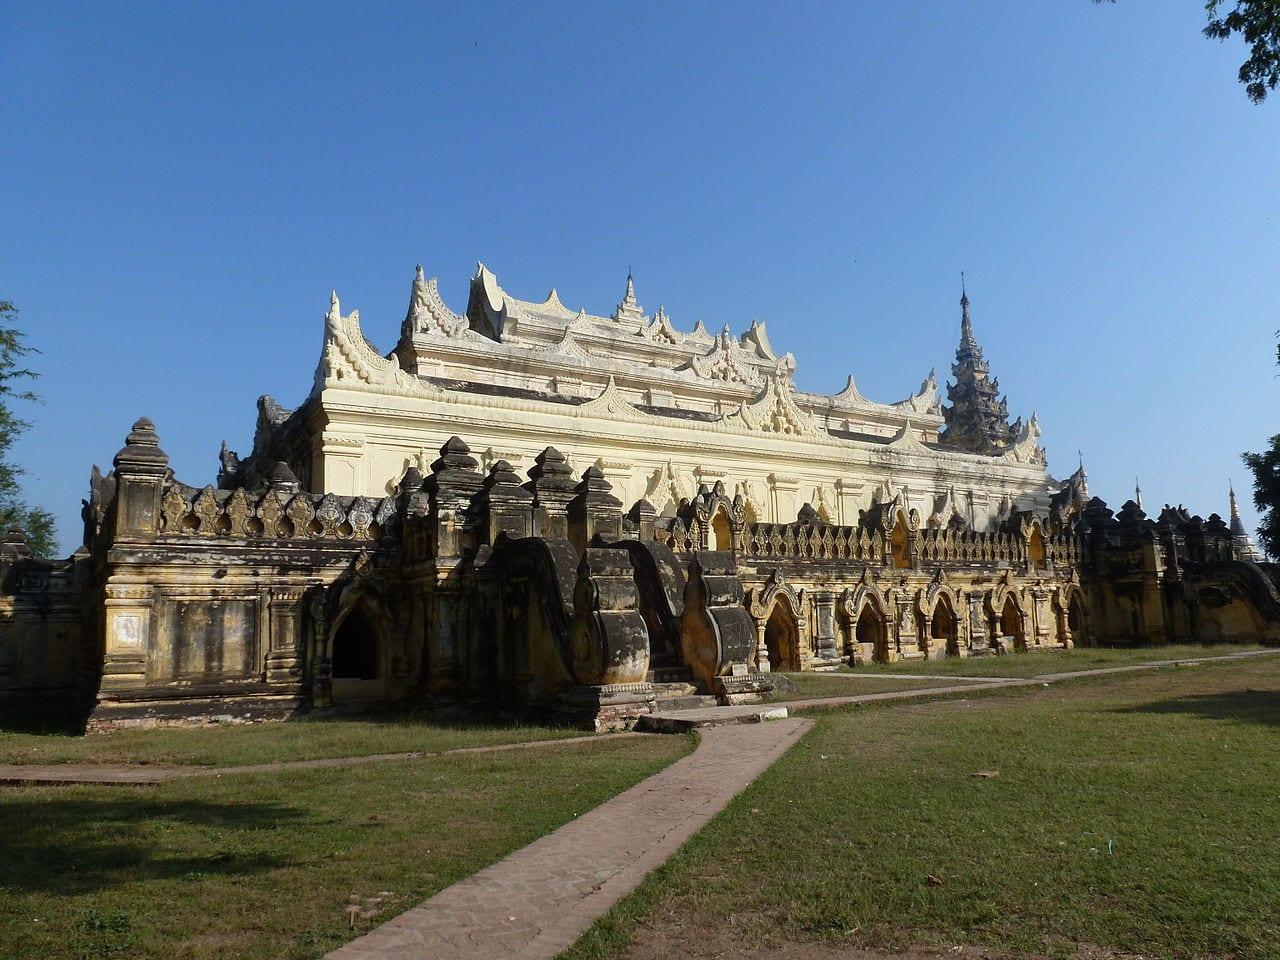 ที่เที่ยวพม่า เที่ยวพม่า เมืองหลวงพม่า เจดีย์ชเวดากอง